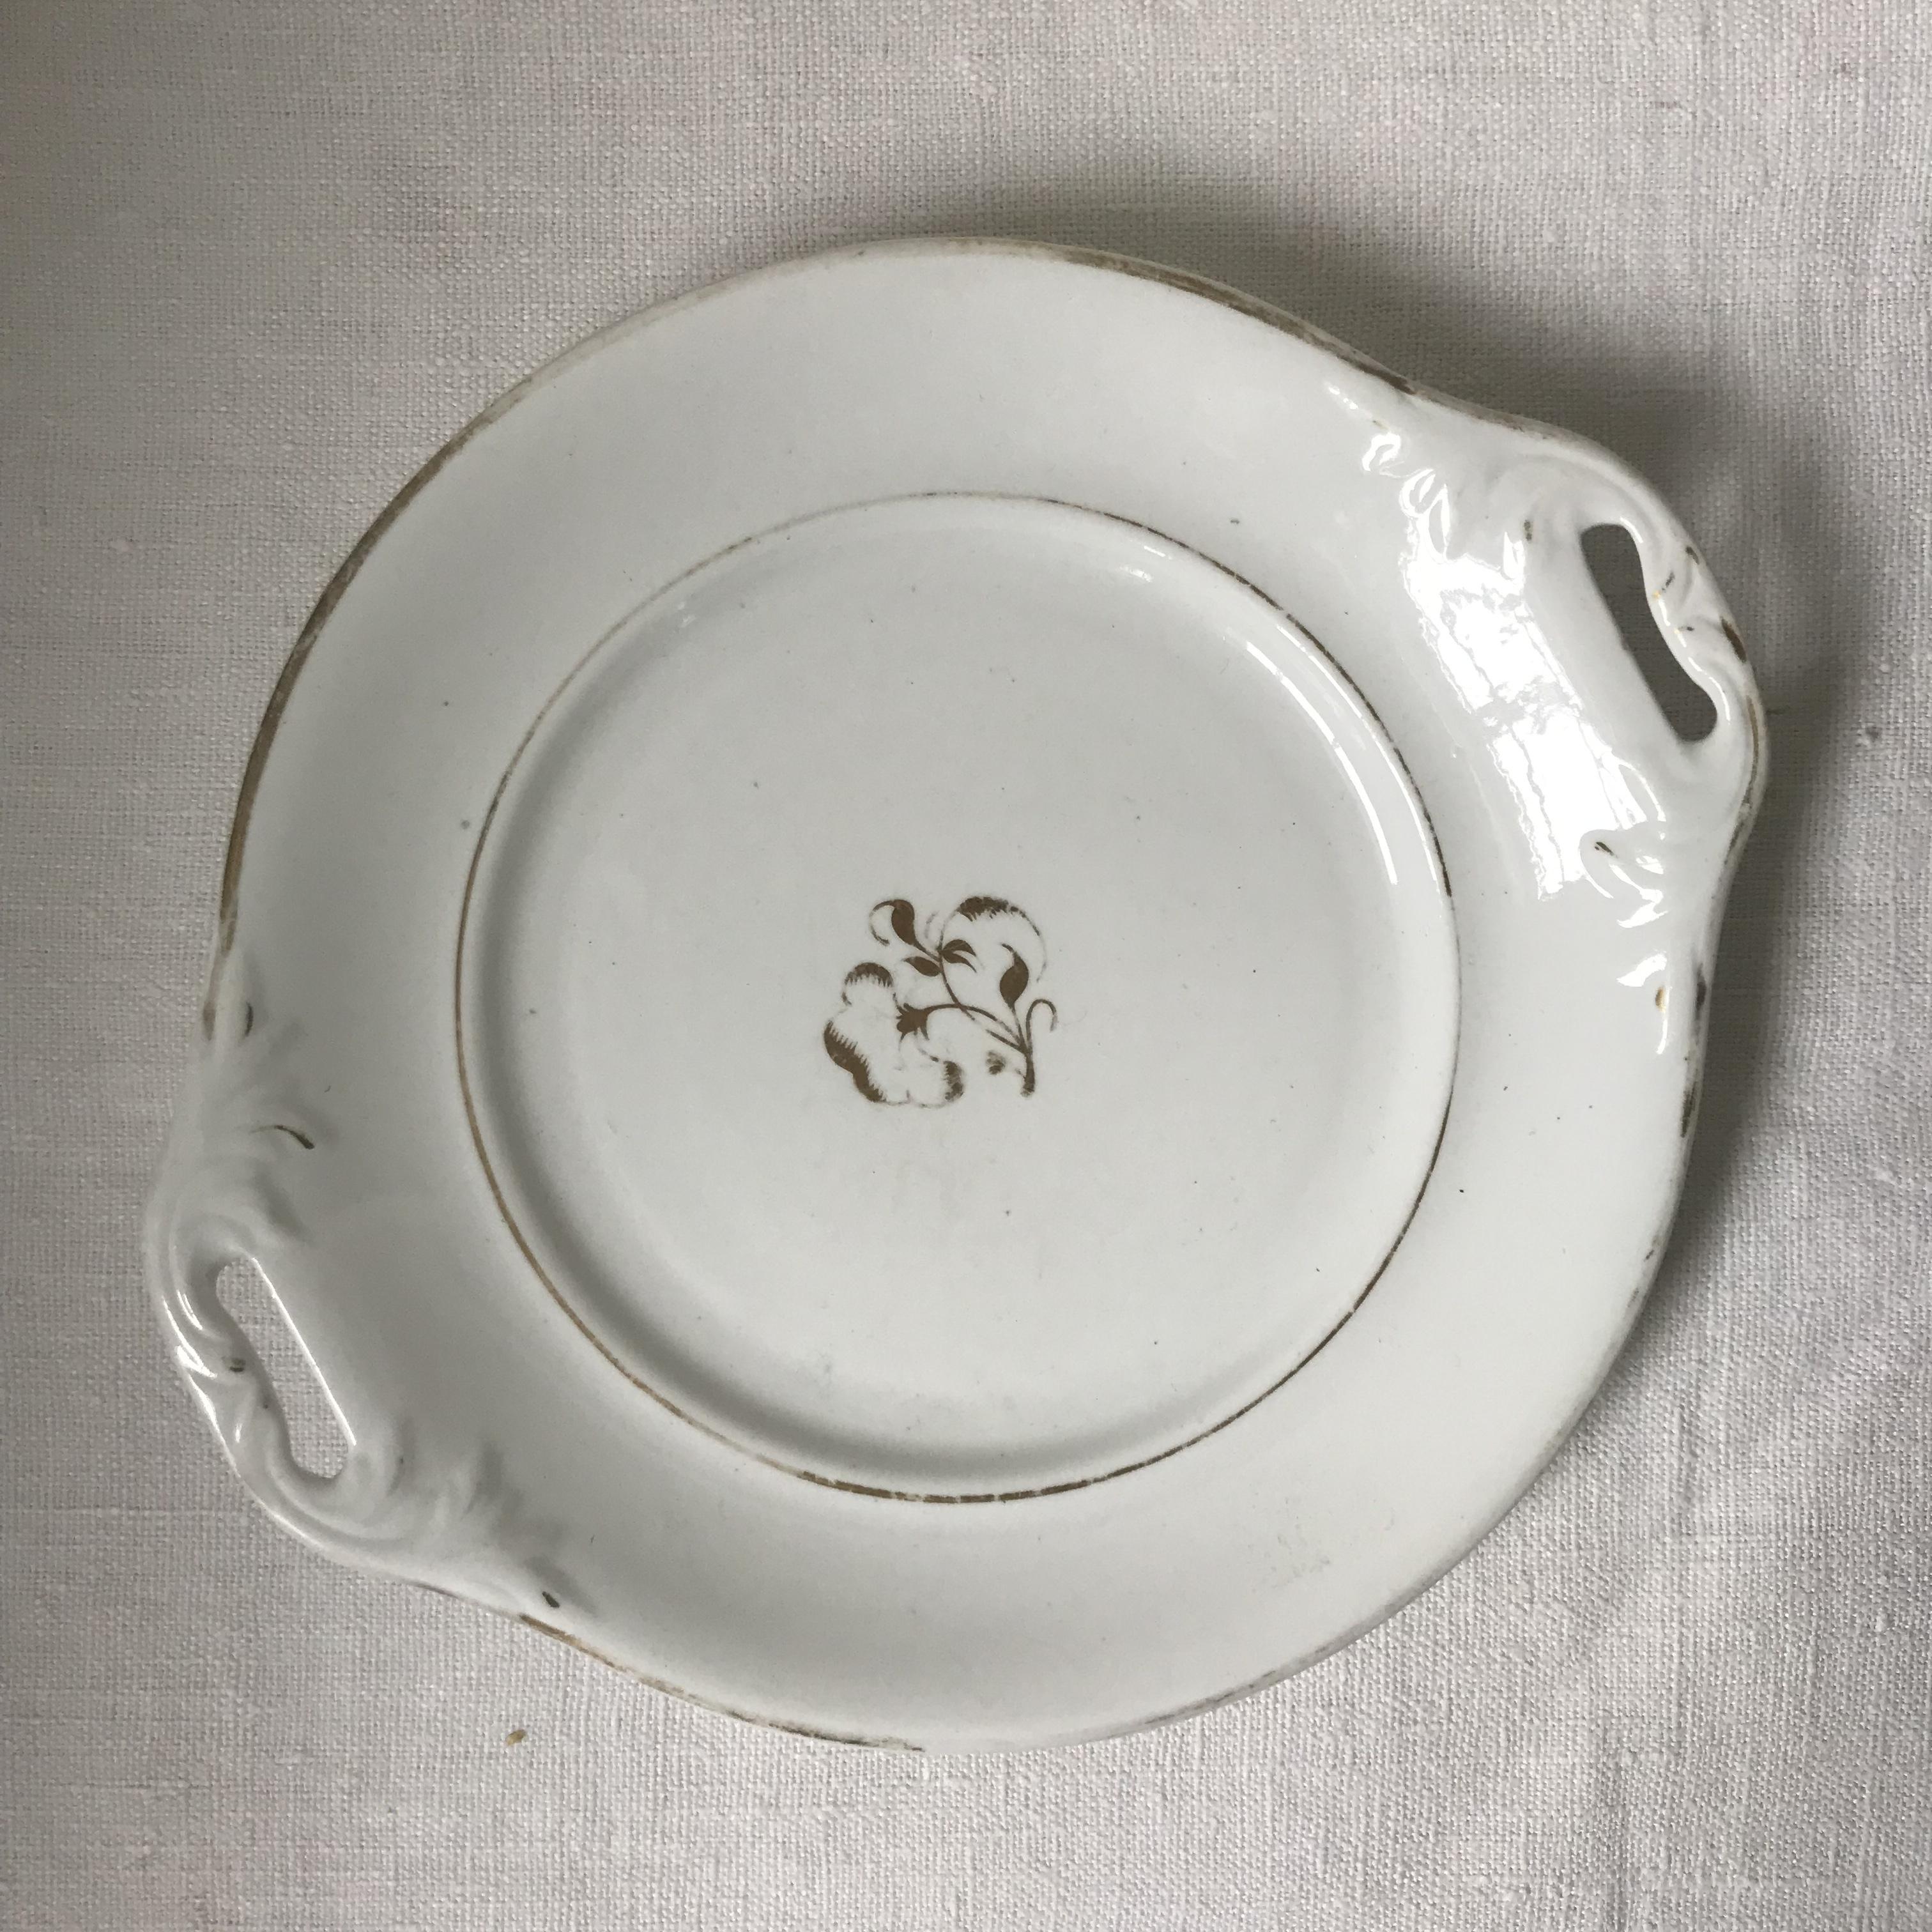 白い持ち手付きのお皿